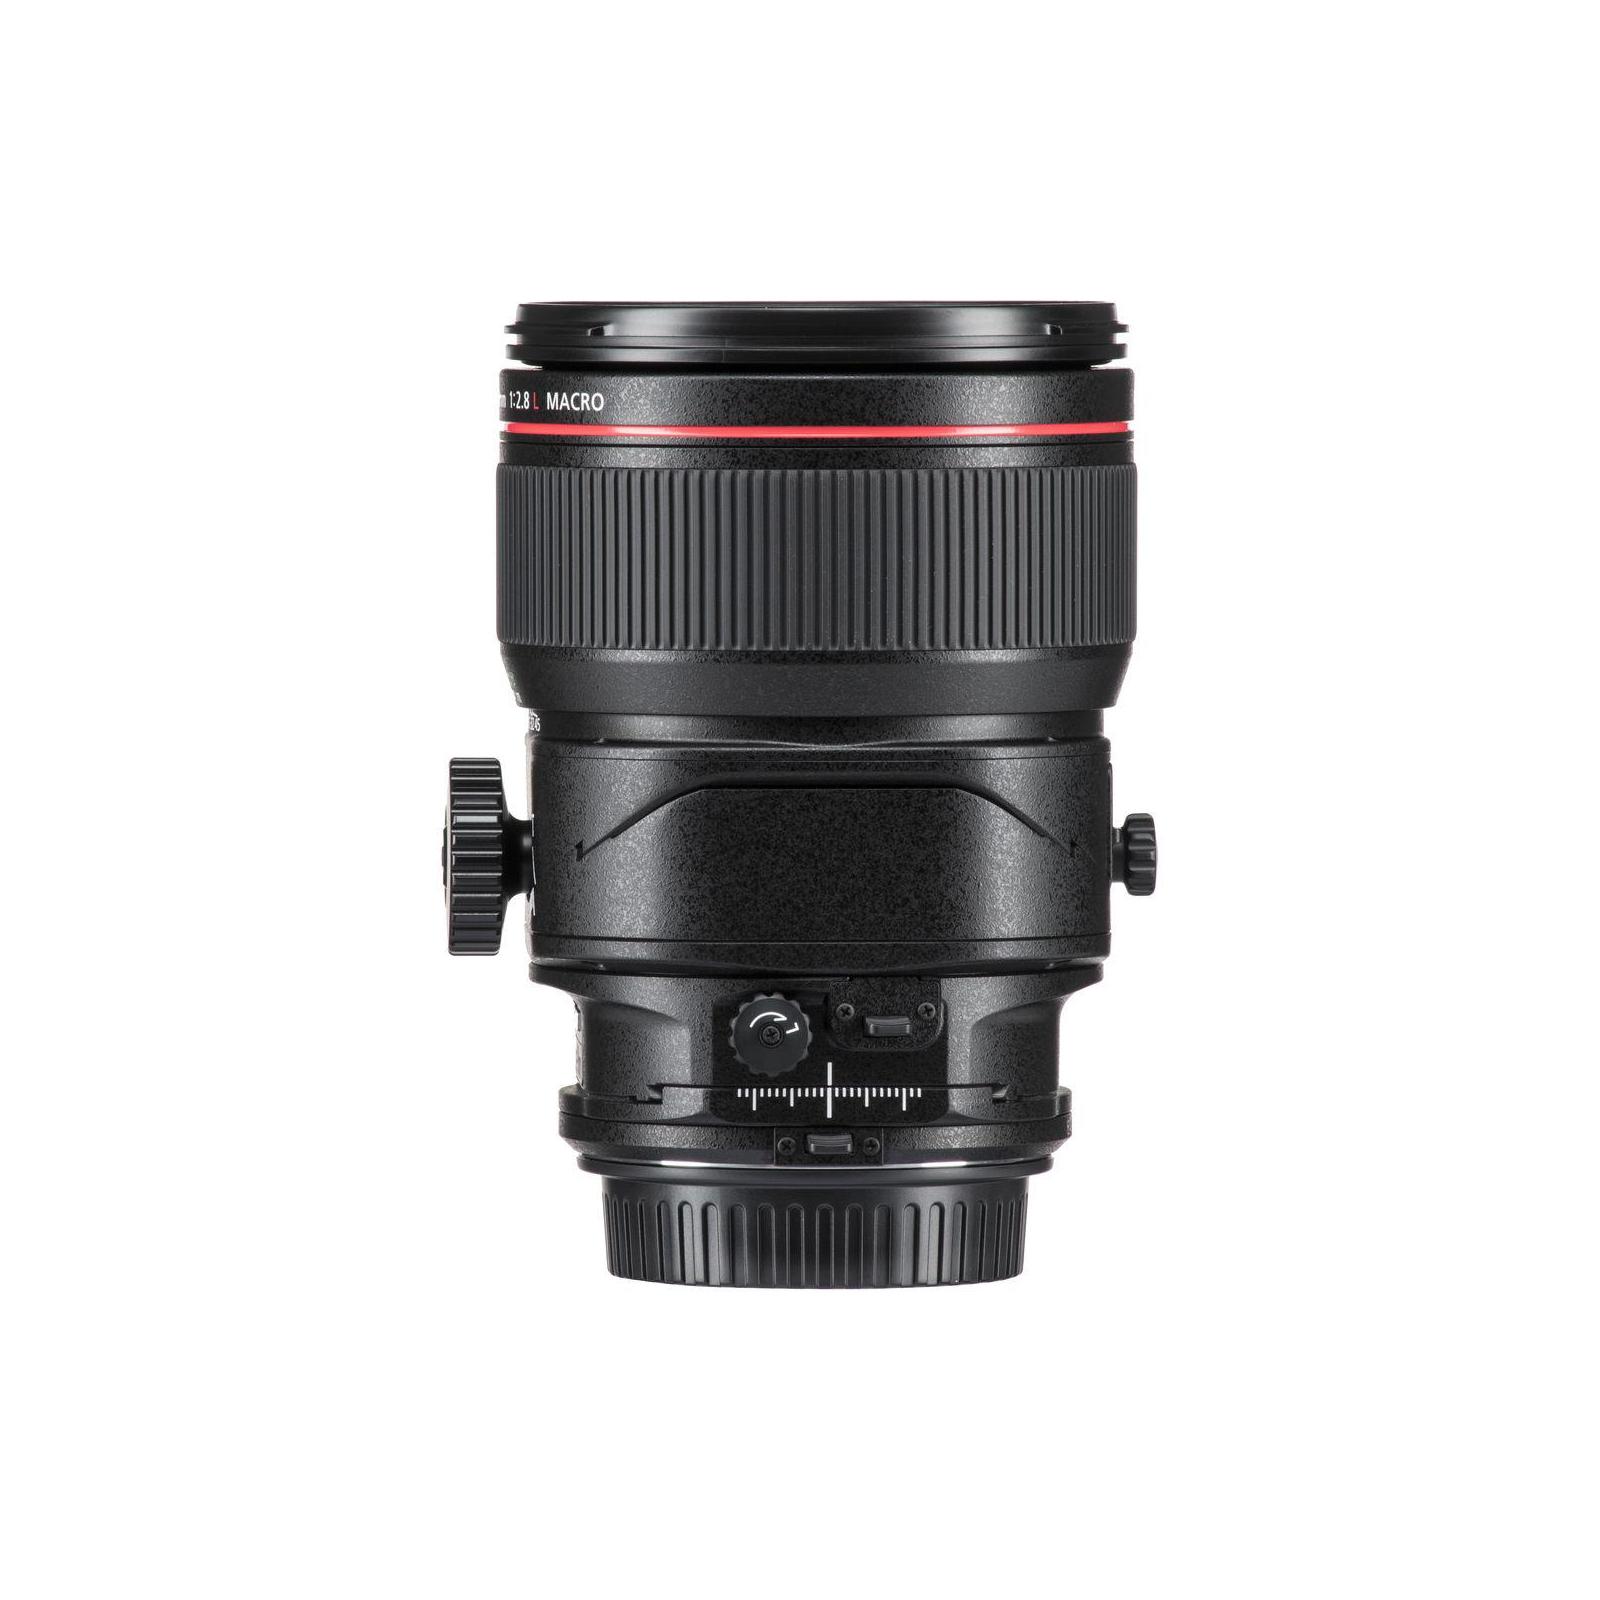 Объектив Canon TS-E 90mm f/2.8 L Macro (2274C005) изображение 6